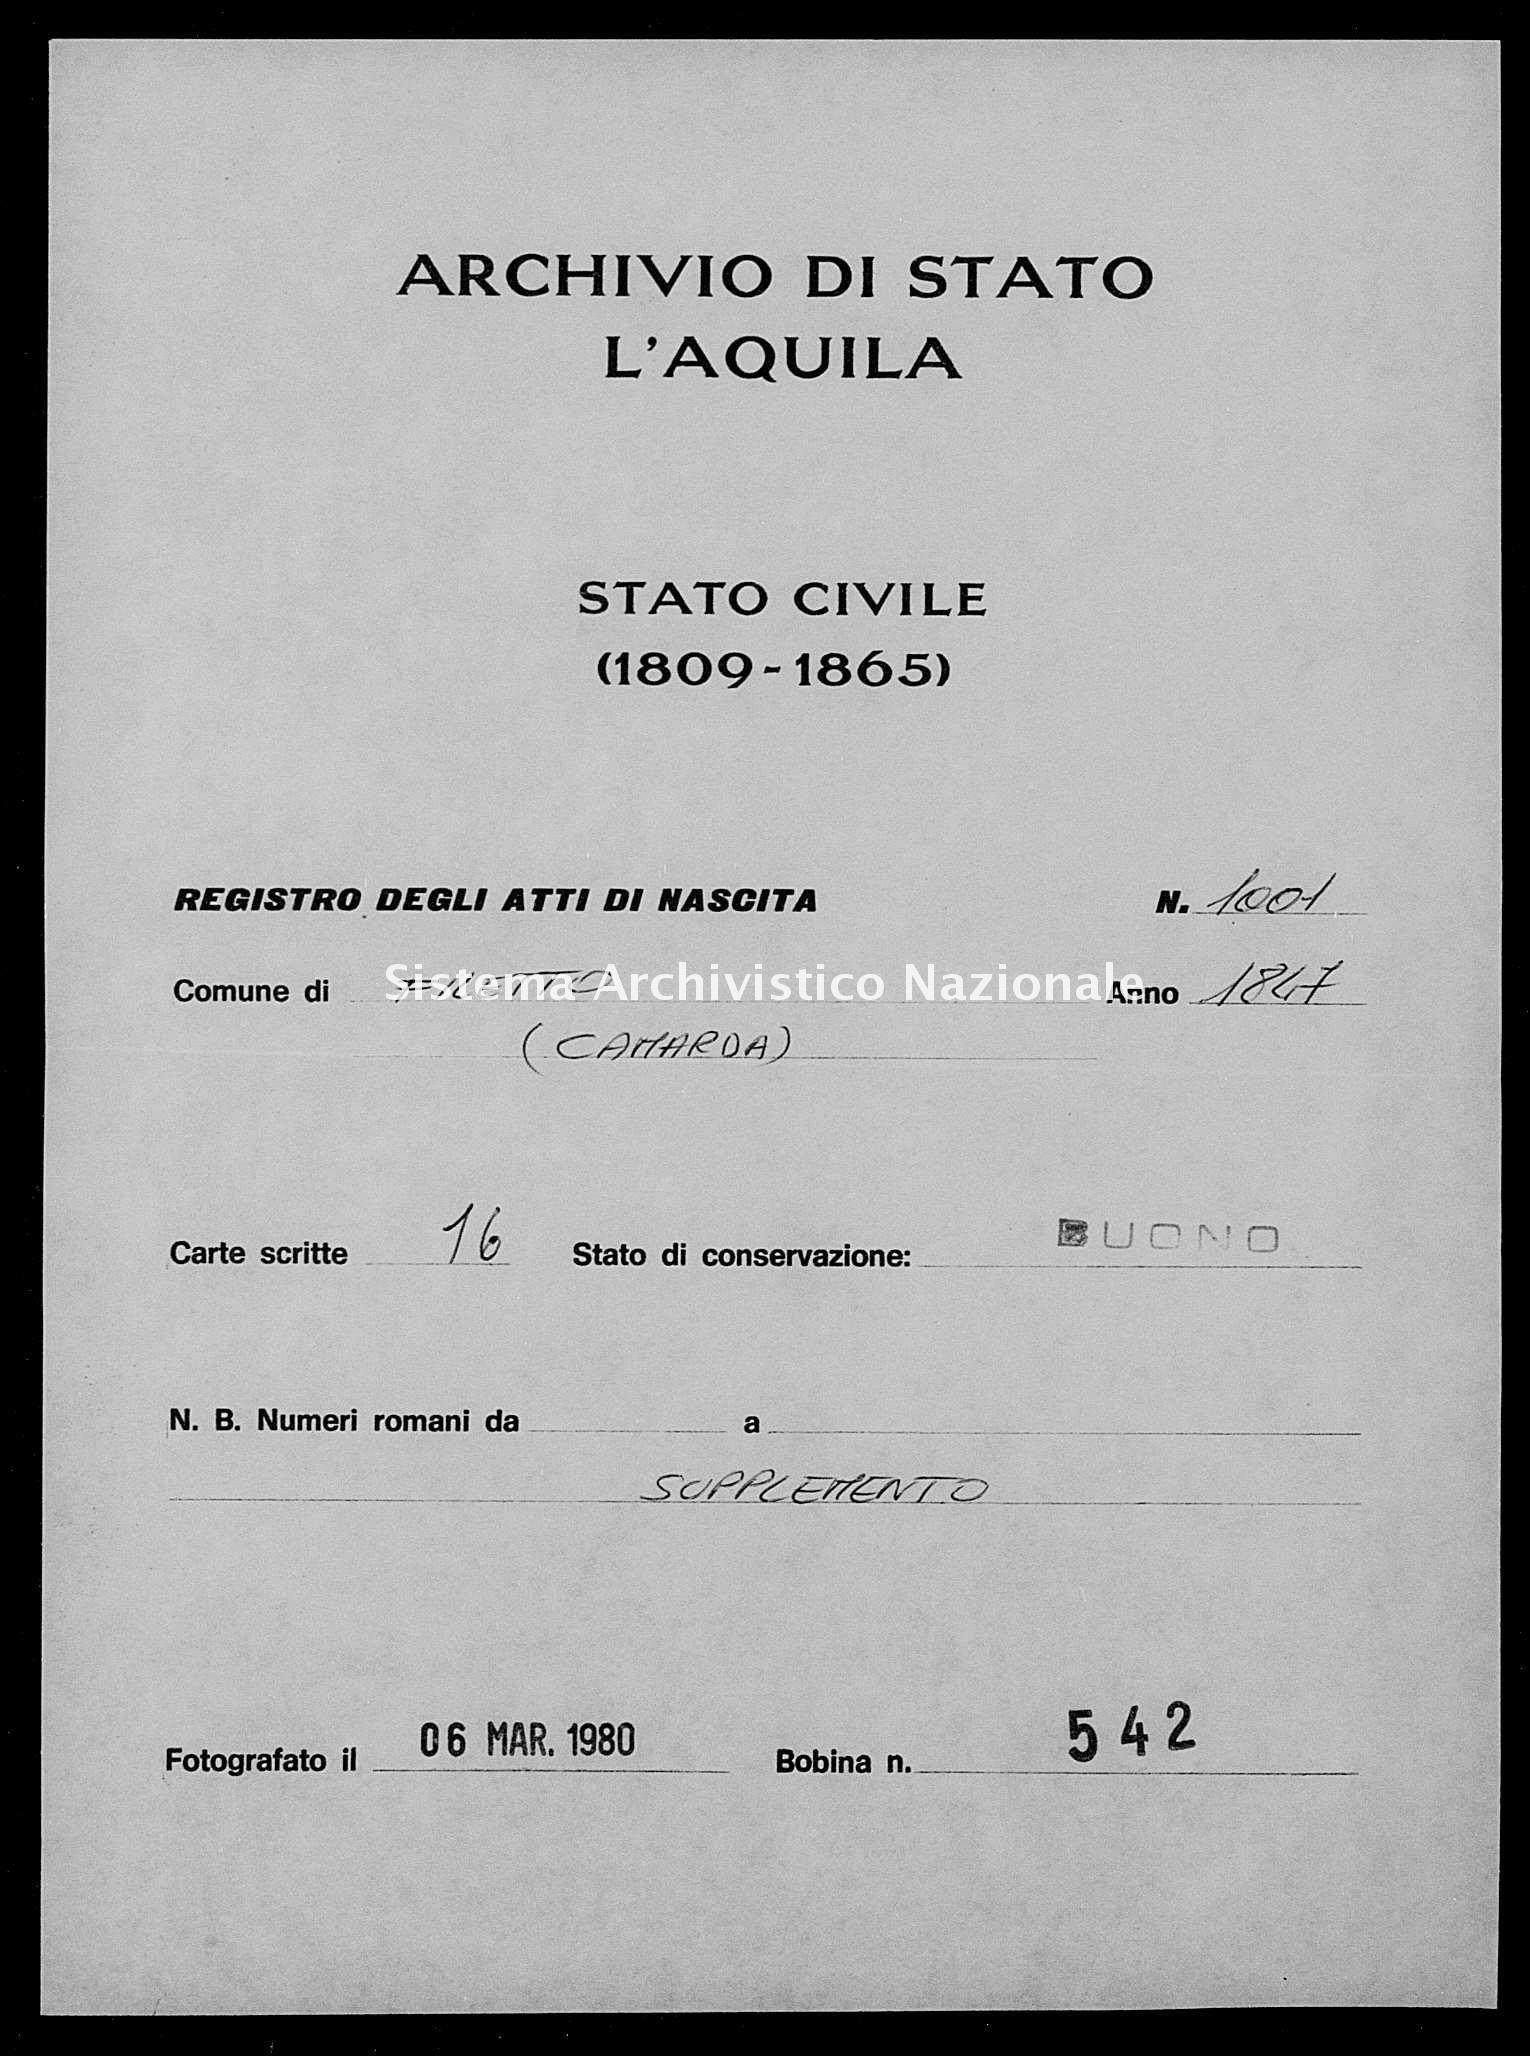 Archivio di stato di L'aquila - Stato civile della restaurazione - Filetto - Nati, battesimi - 1847 - 1001 -